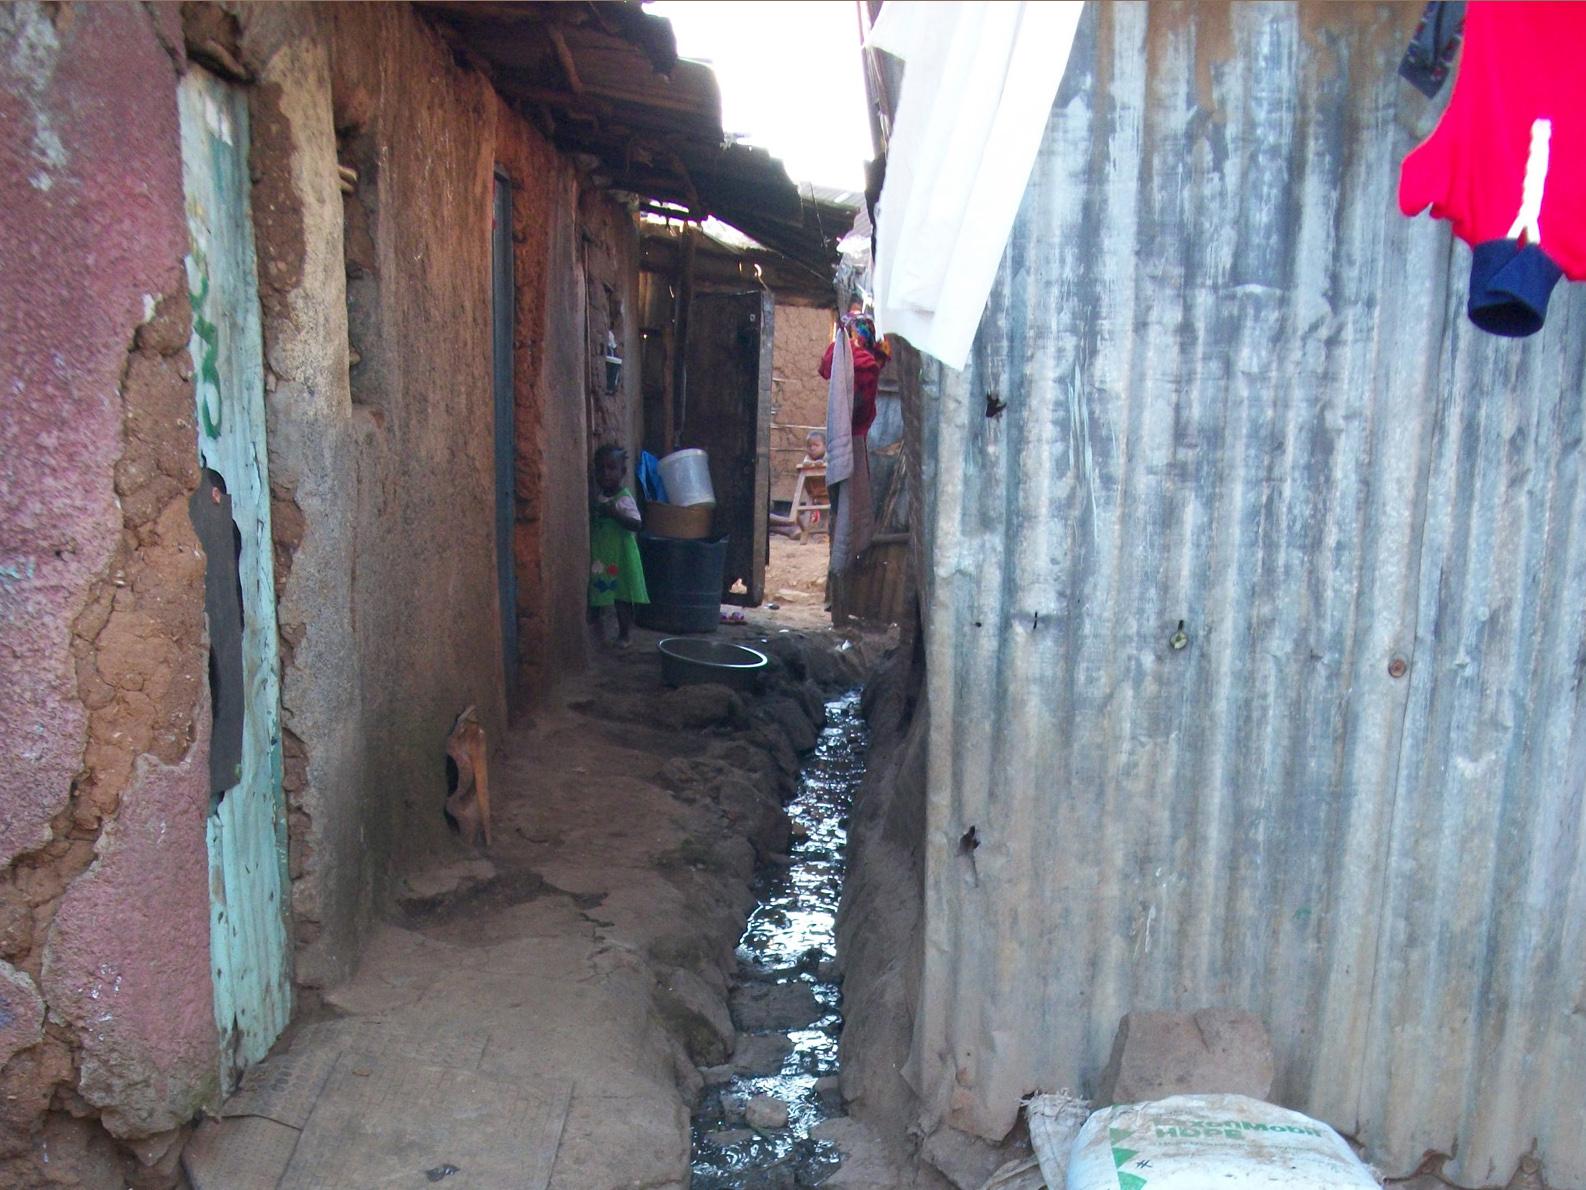 IRIN  Poor sanitation brings misery to slums